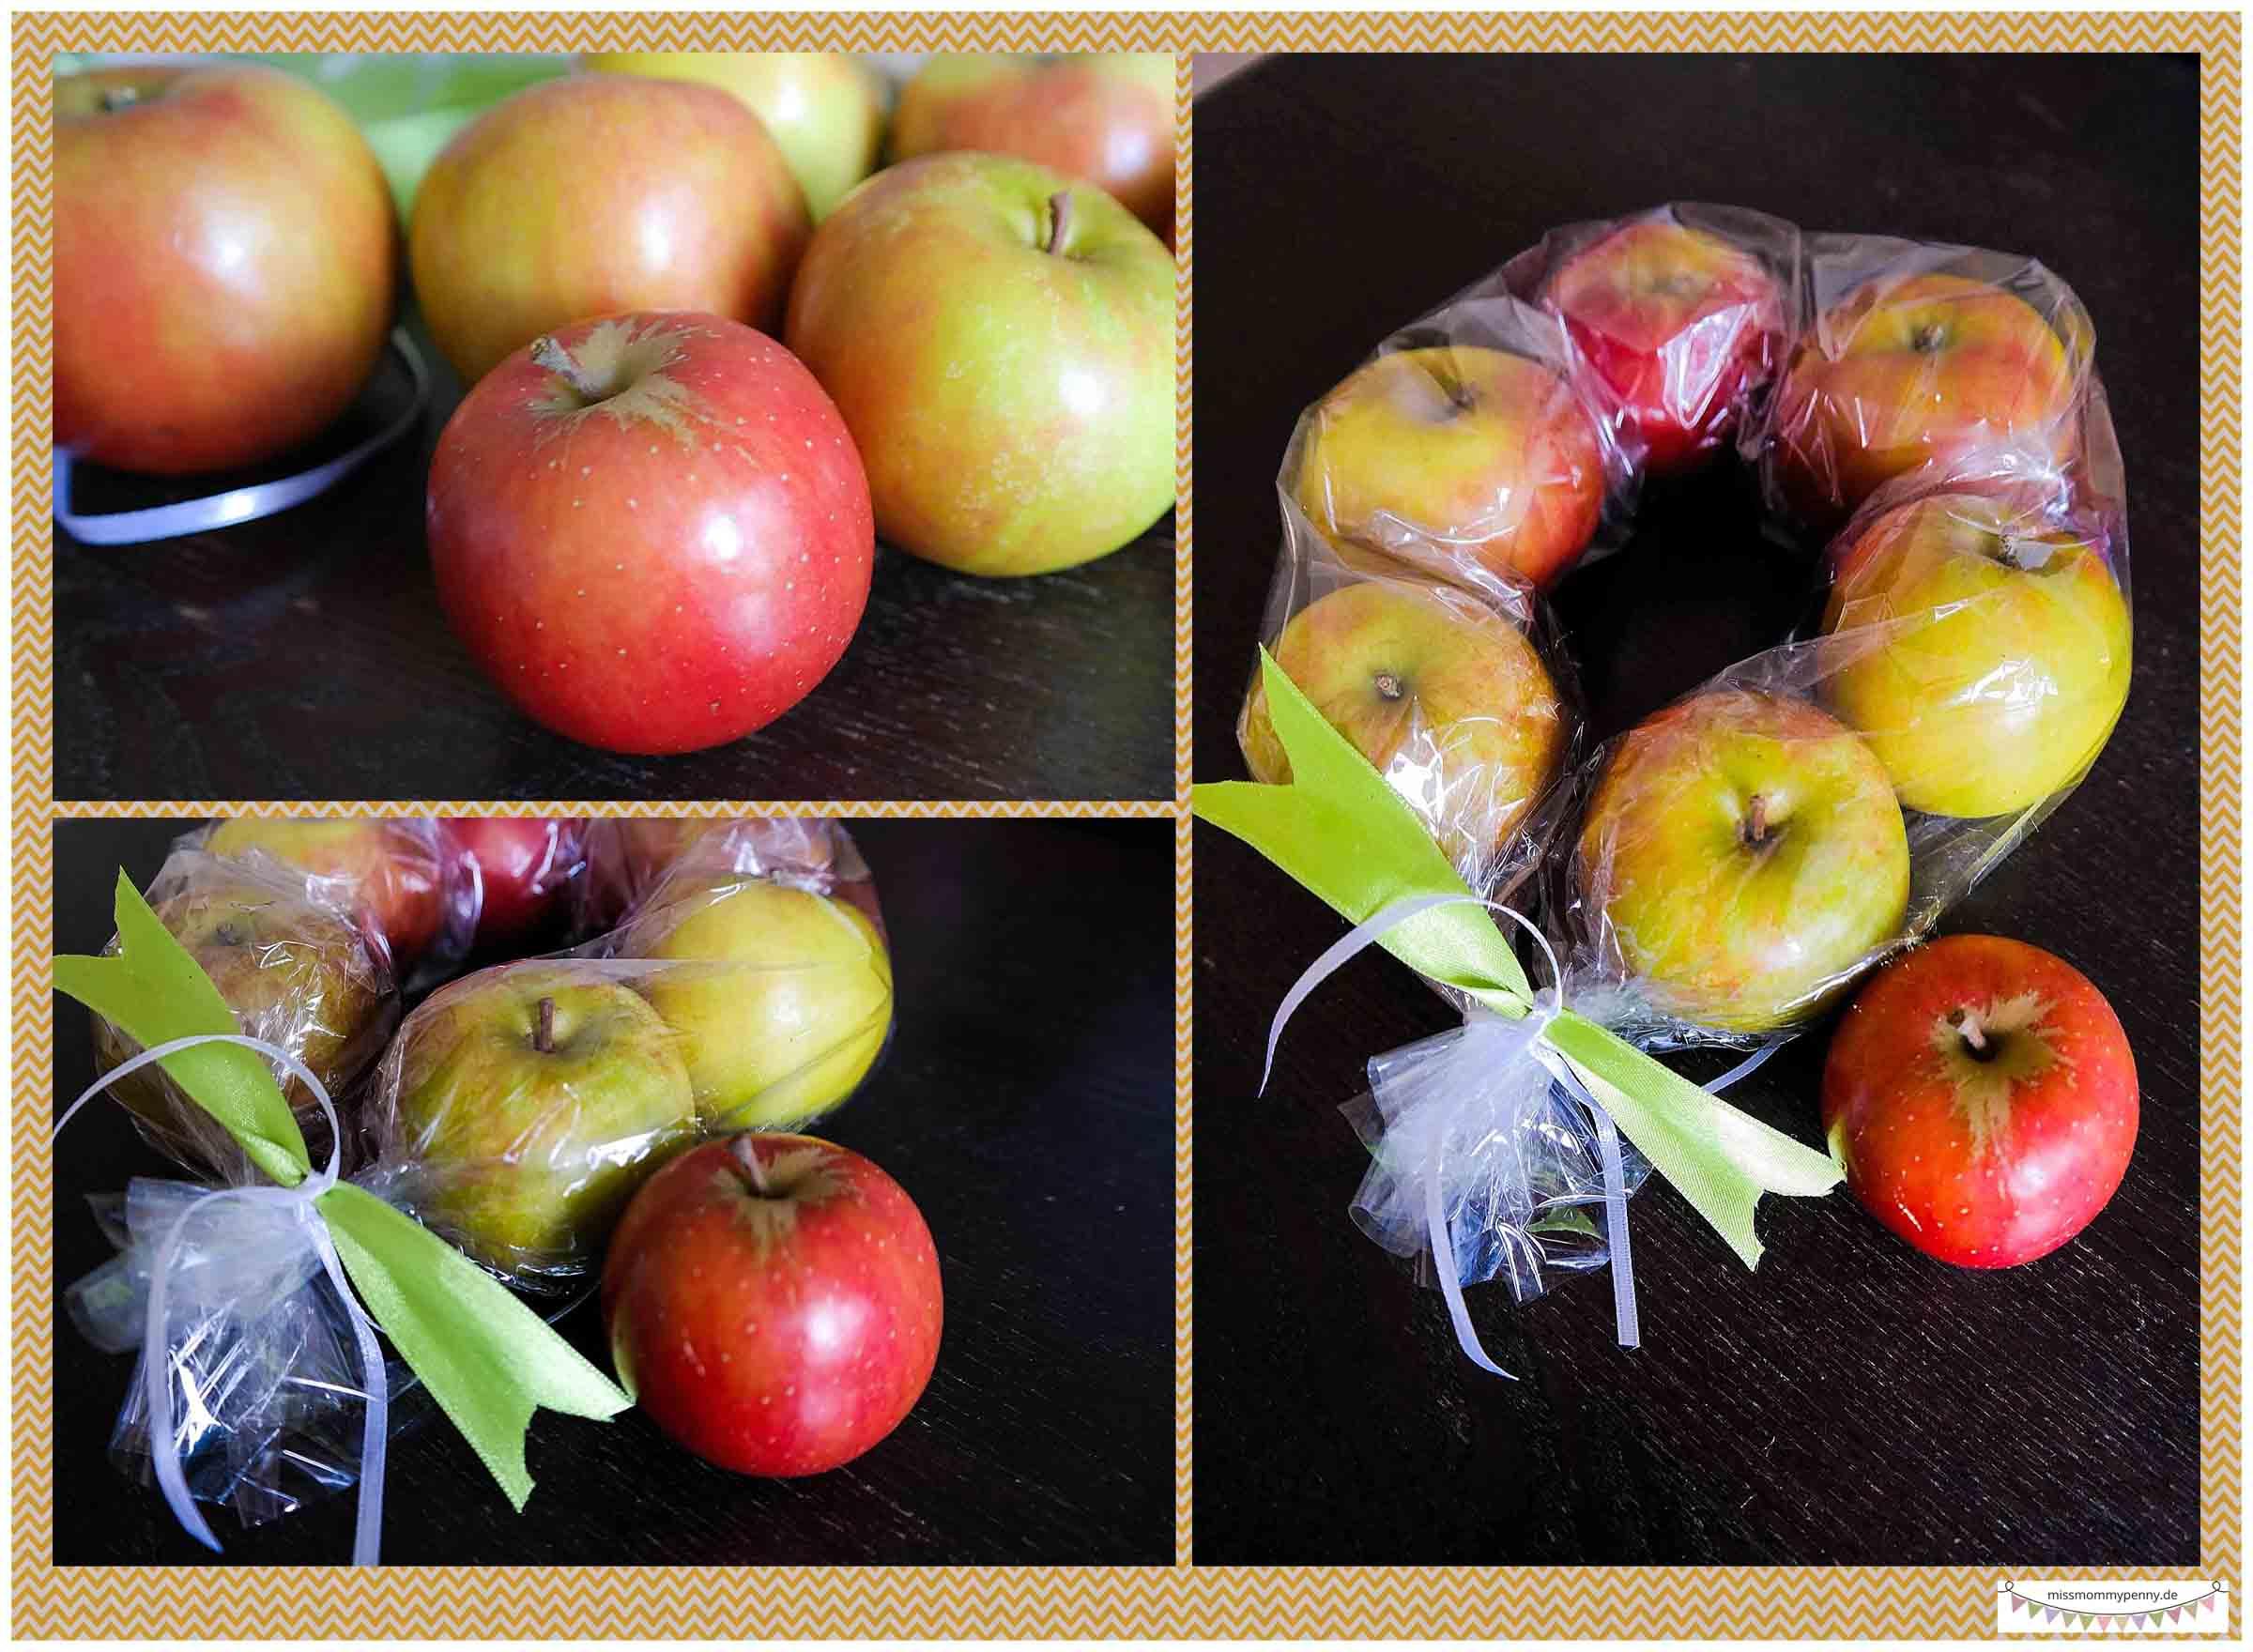 Apfelkranz binden - Nachbarschaftsgeschenk